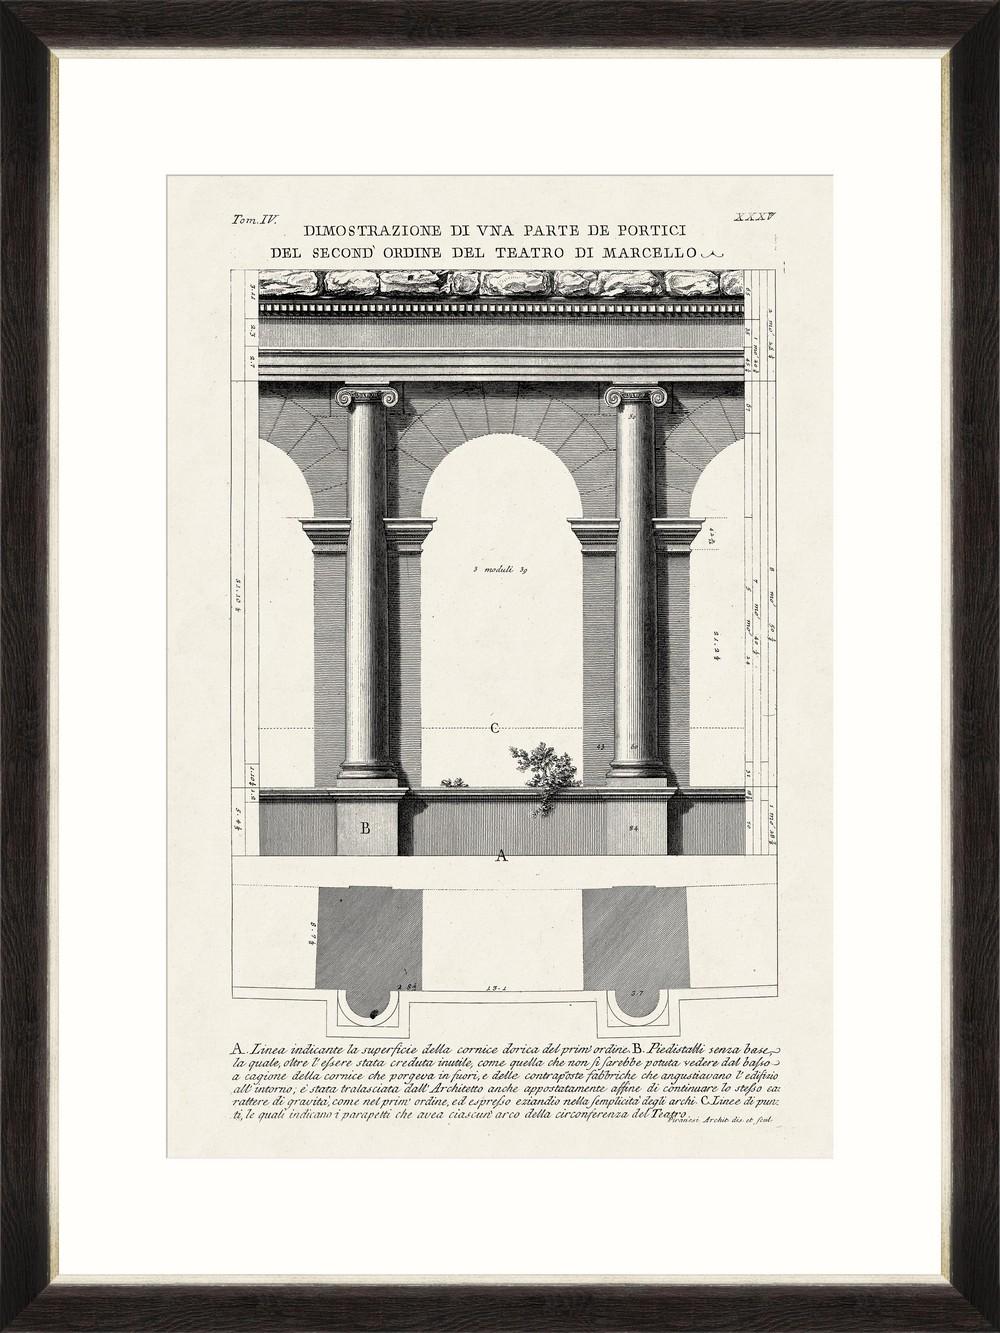 Tablou Framed Art Parte De Portici II